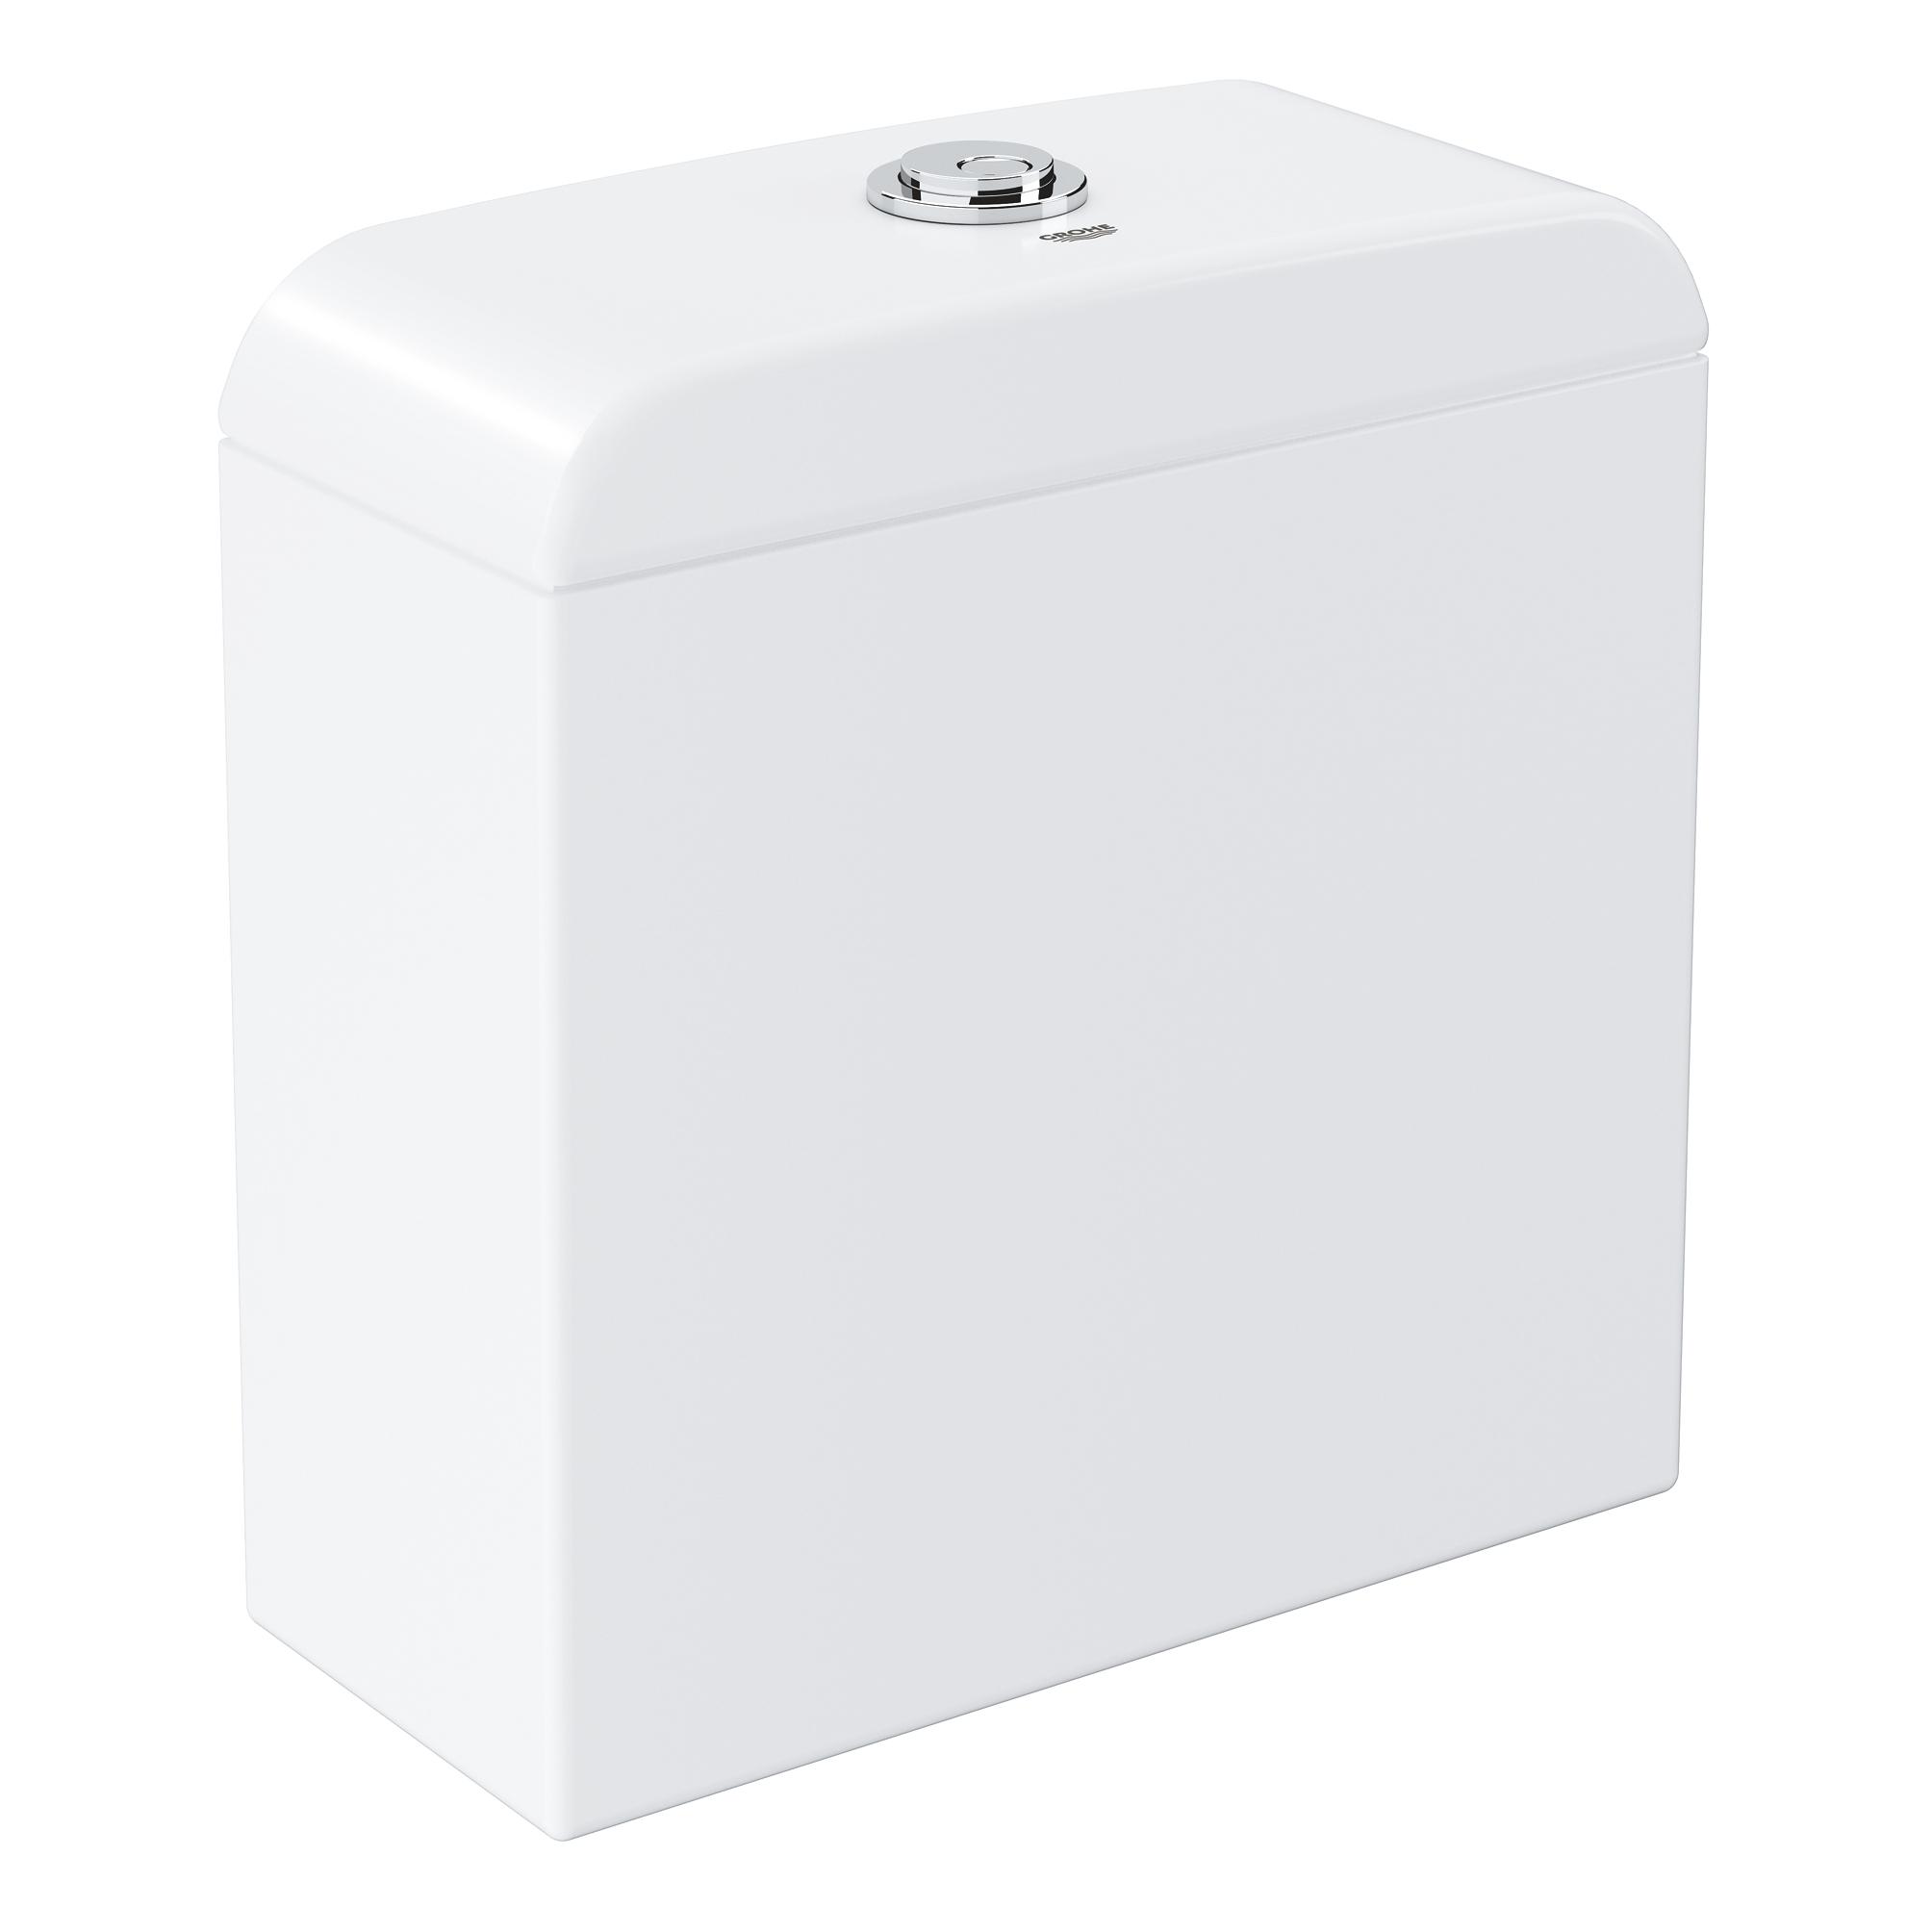 Купить Смывной бачок для унитаза GROHE Euro Ceramic, подводка снизу, альпин-белый (39332000), Вьетнам, сантехнический форфор